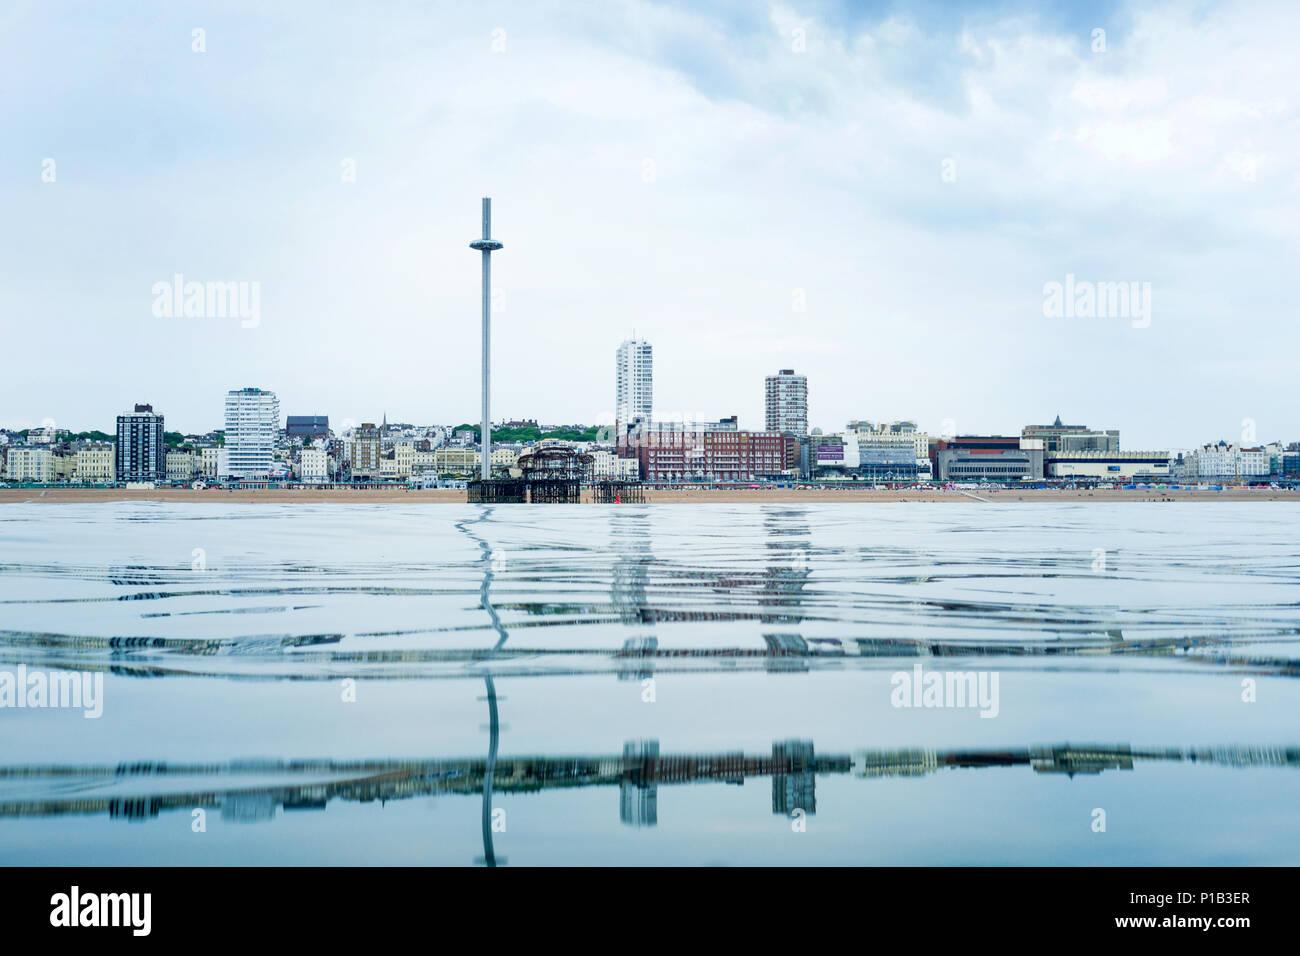 Front de mer de Brighton view point de la mer, au fond d'un verre est calme comme la mer plate au milieu est l'horizon de Brighton, Royaume-Uni, avec l'I360 vie Photo Stock